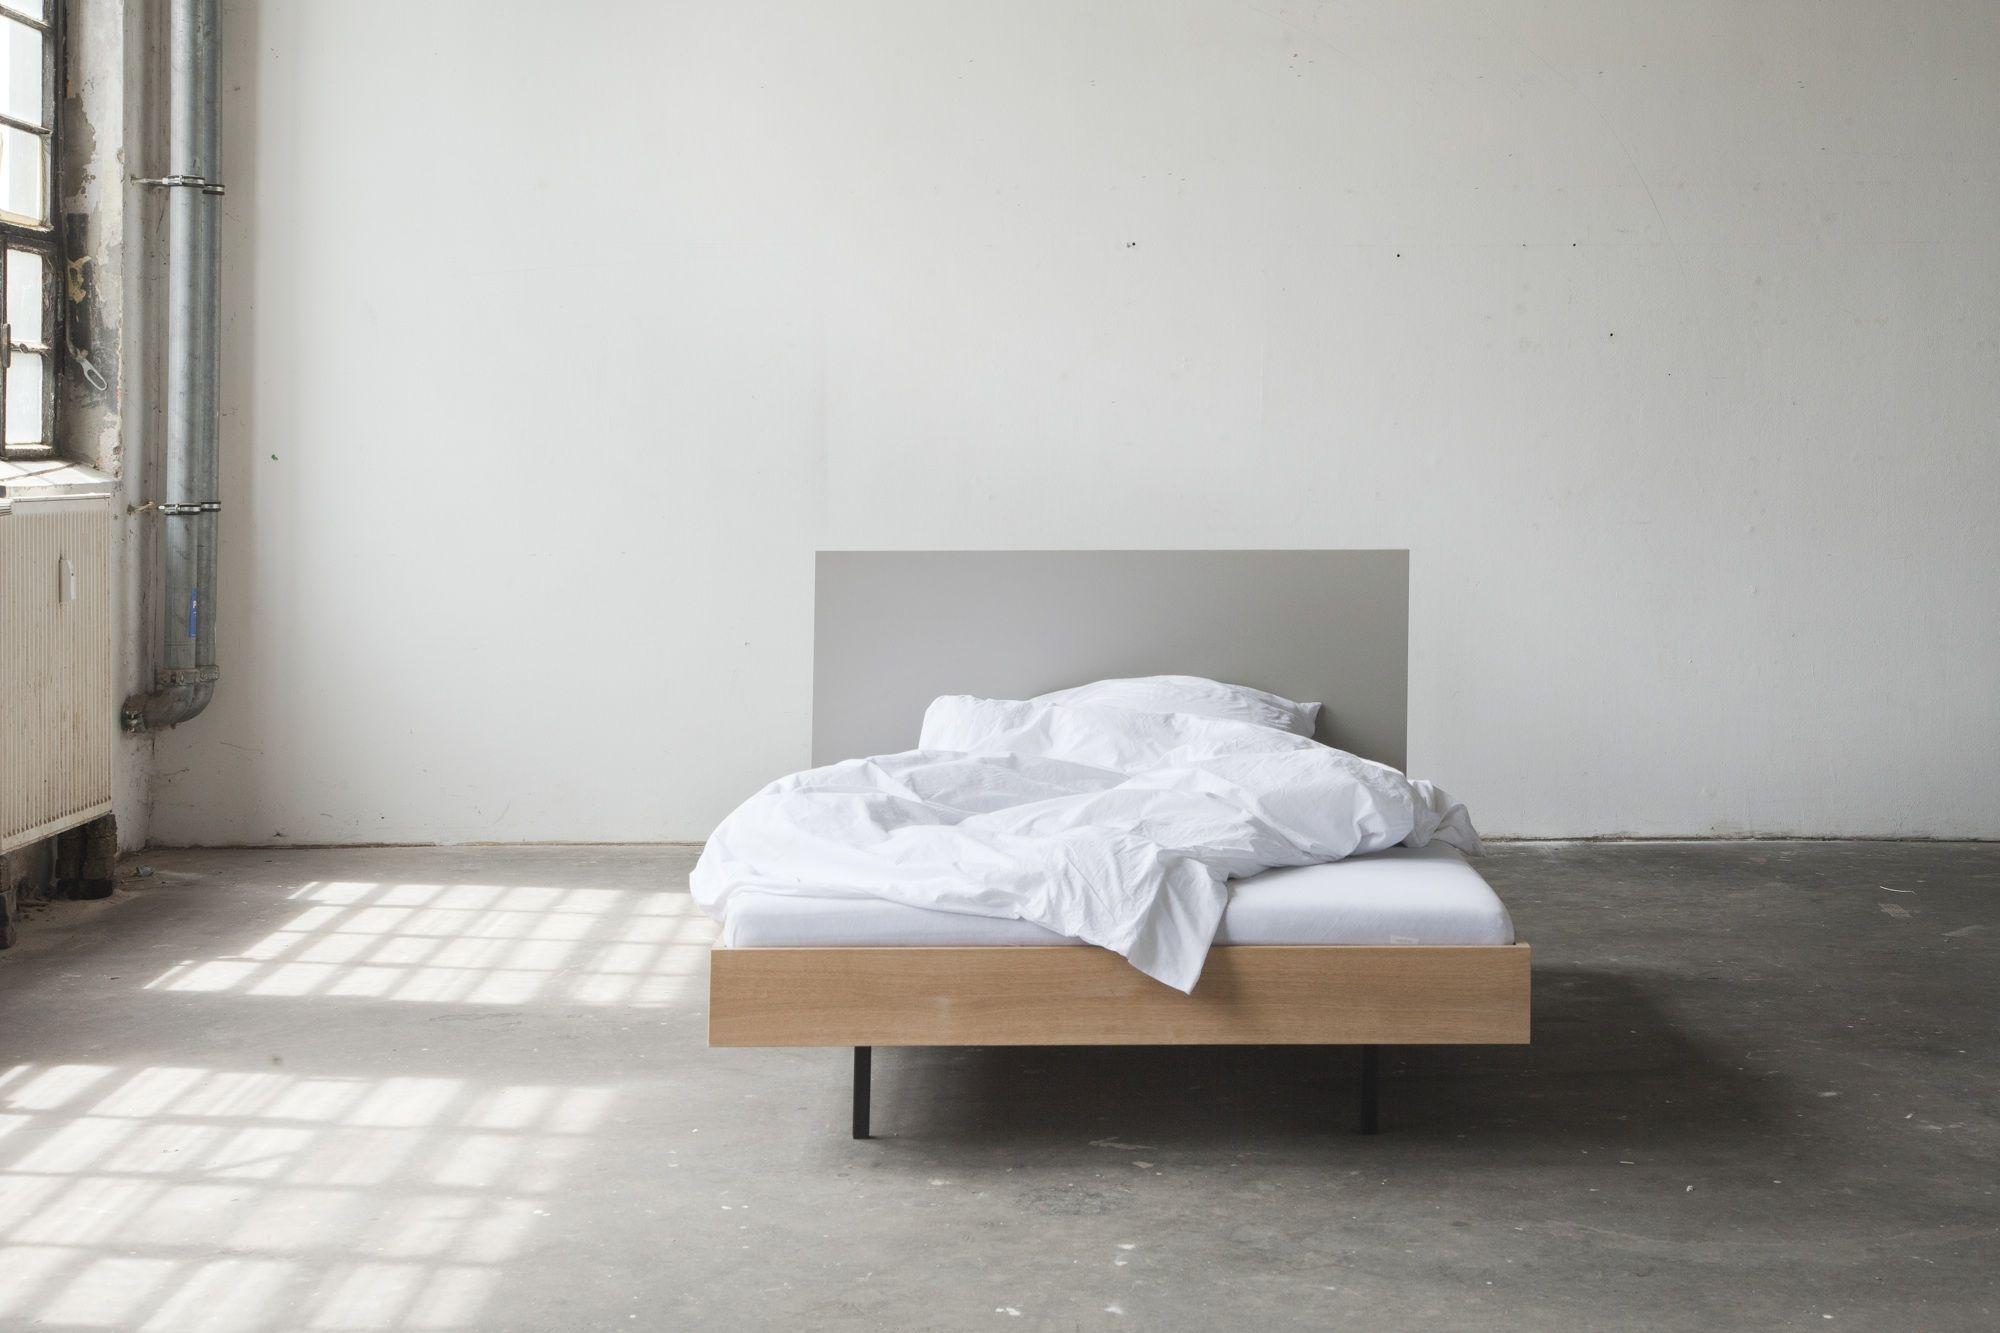 Unidorm - Bett. Material: Linoleum, massive Eiche, geölt #bett